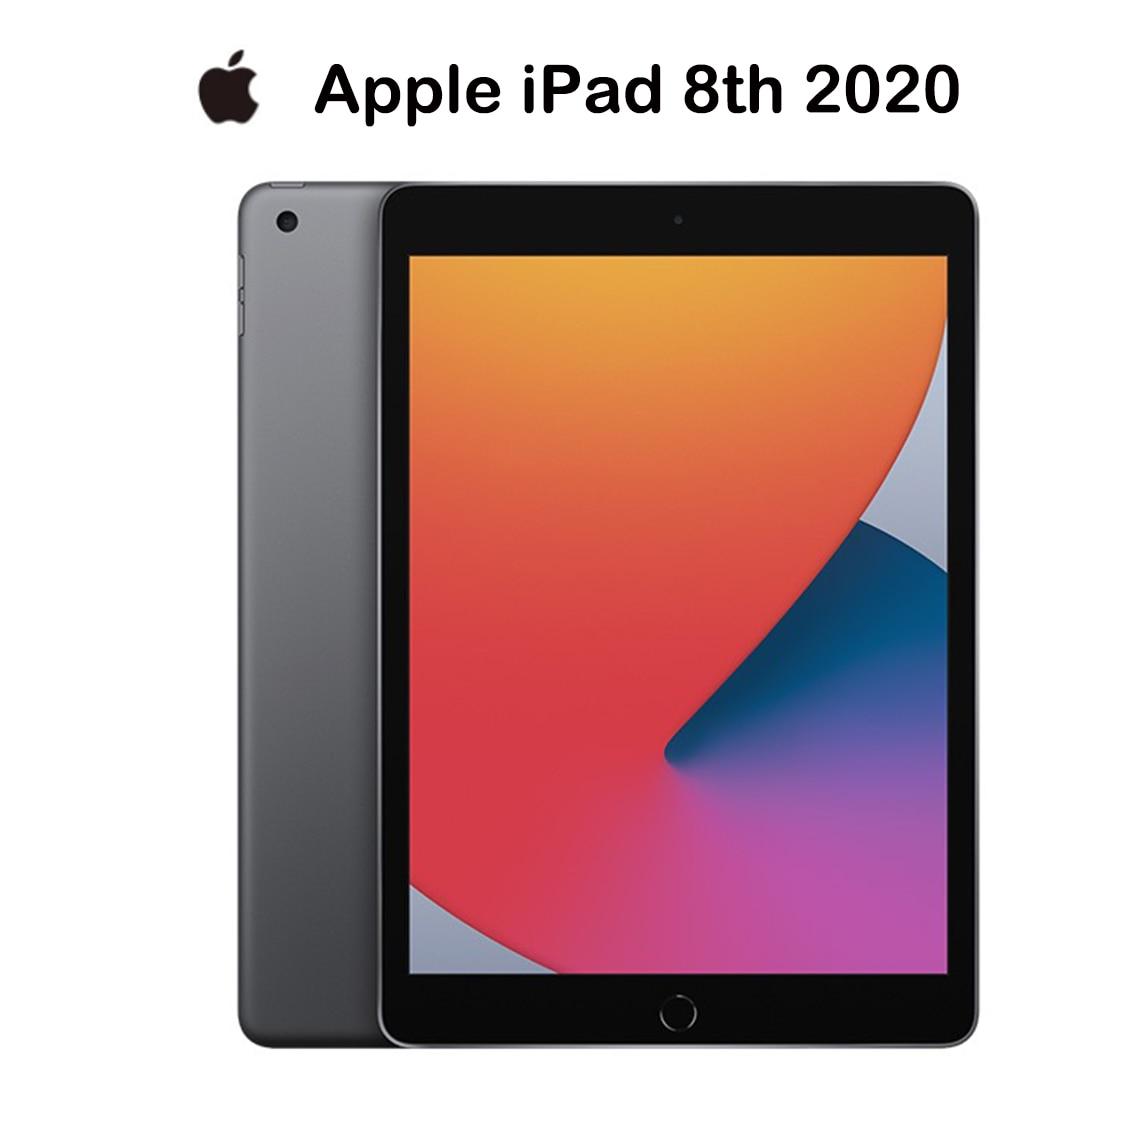 Novo original 2020 apple ipad 2020 ipad 8 cinza (10.2 polegadas, wi-fi, 128gb)-(8th geração)